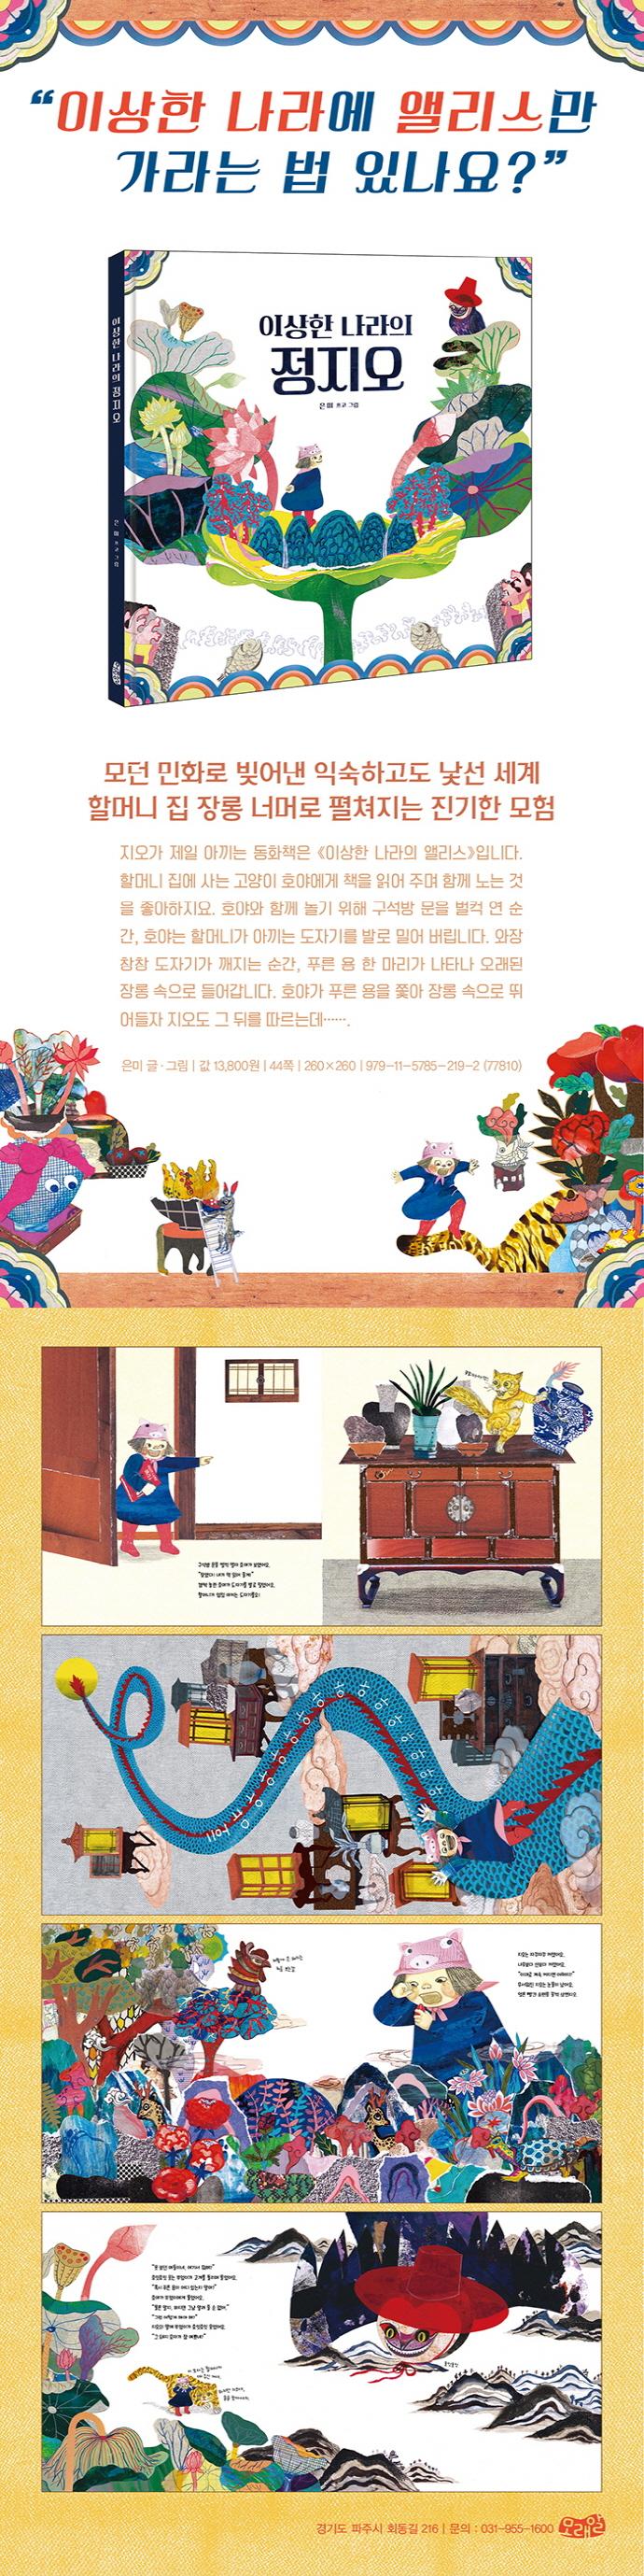 이상한 나라의 정지오(양장본 HardCover) 도서 상세이미지